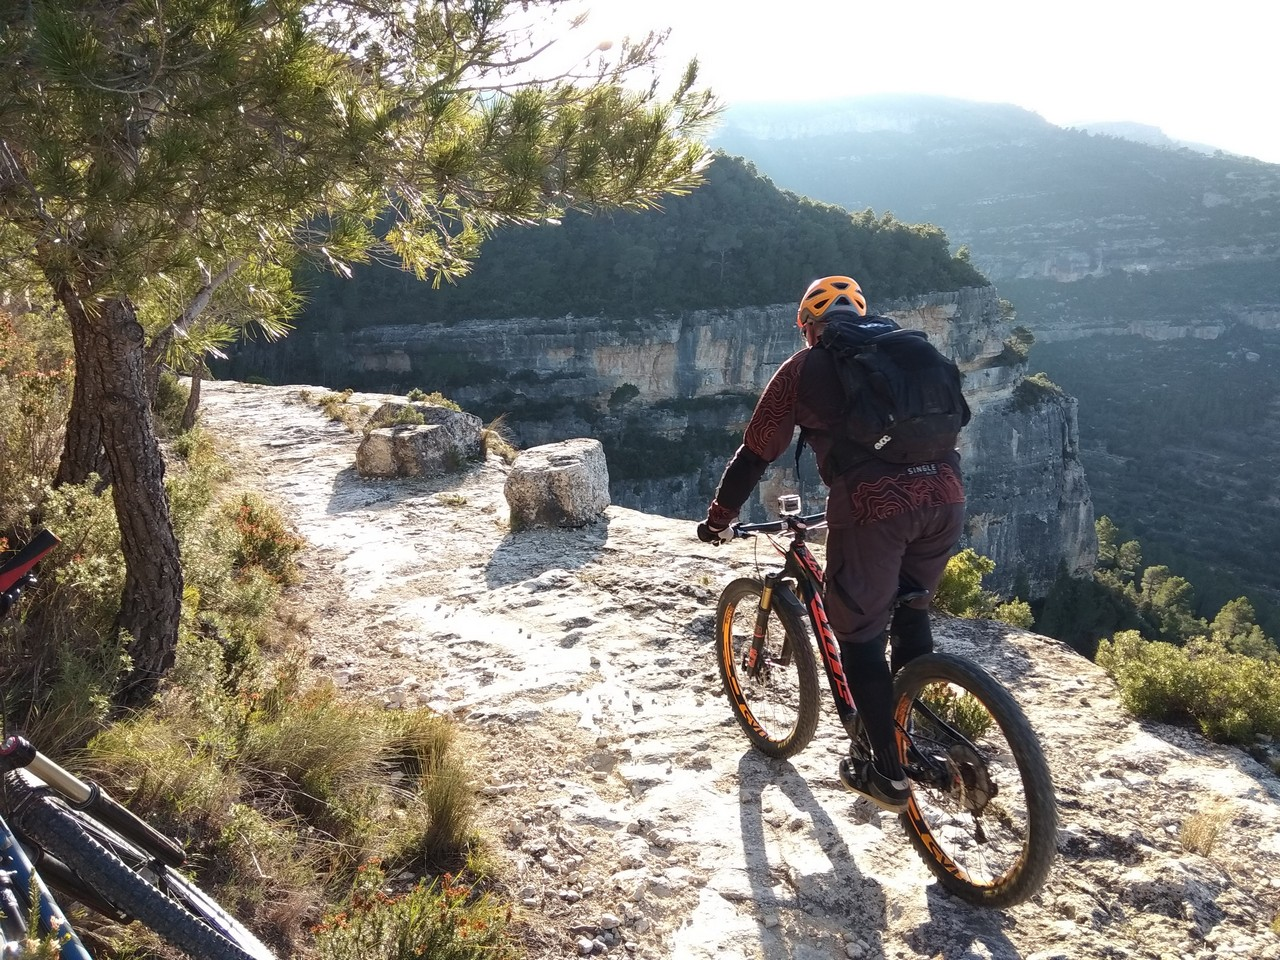 Jordi en un tramo de cornisa de roca en la Senda de la Cortada